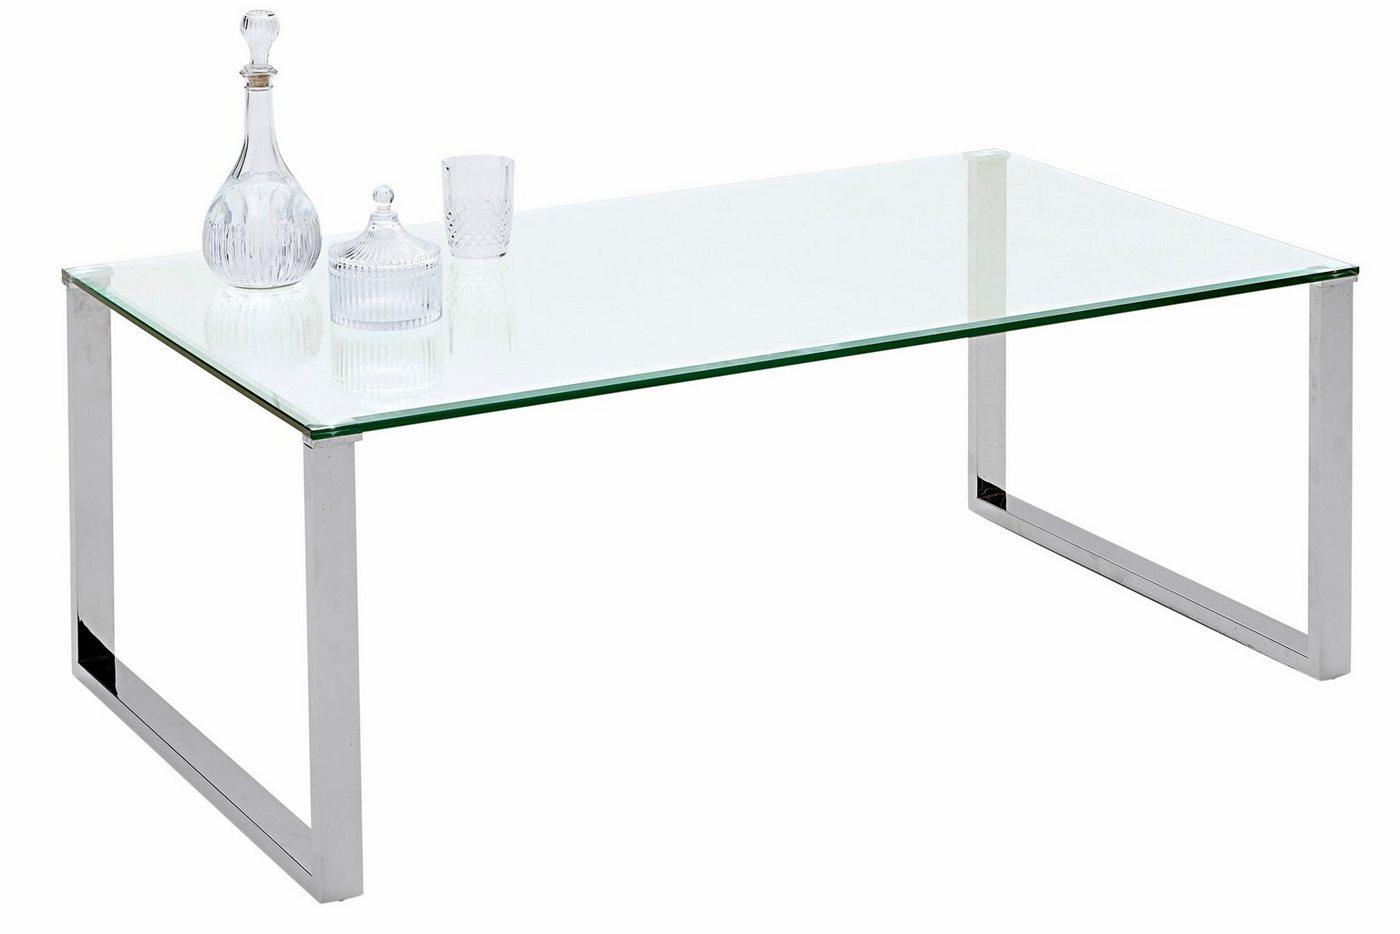 couchtisch glas stahl machen sie den preisvergleich bei nextag. Black Bedroom Furniture Sets. Home Design Ideas